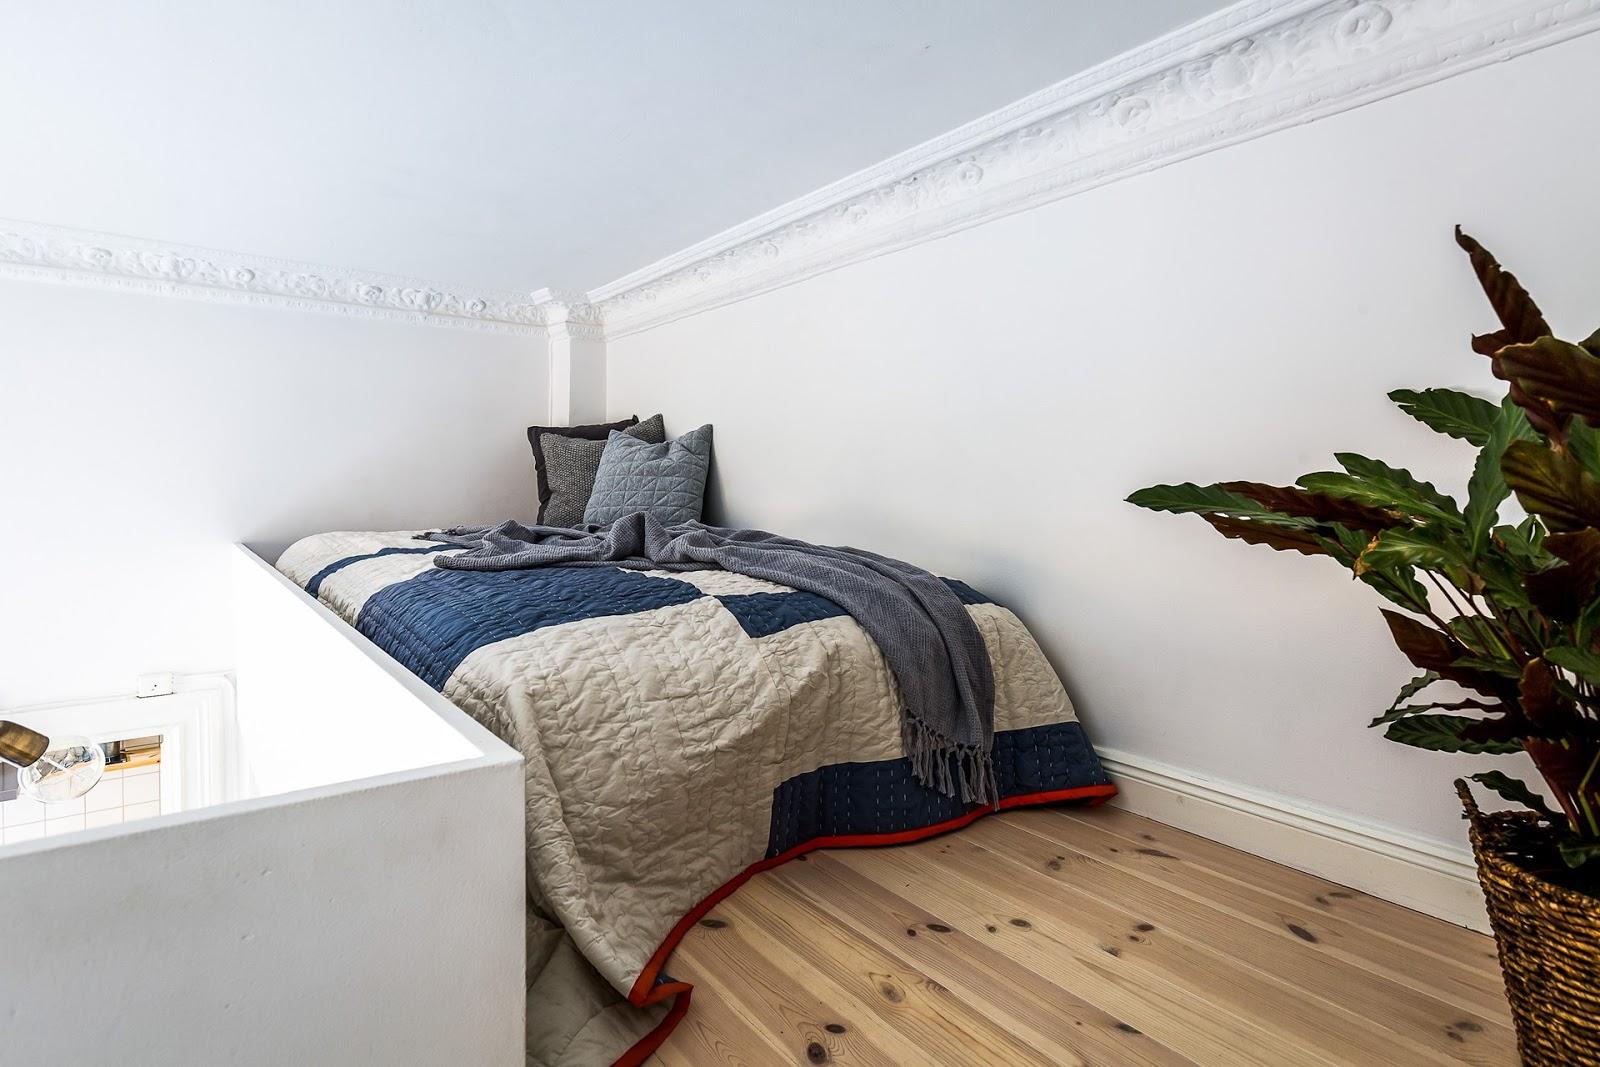 Dormitor deasupra dulapului într-o garsonieră de numai 21 m² 6.jpeg